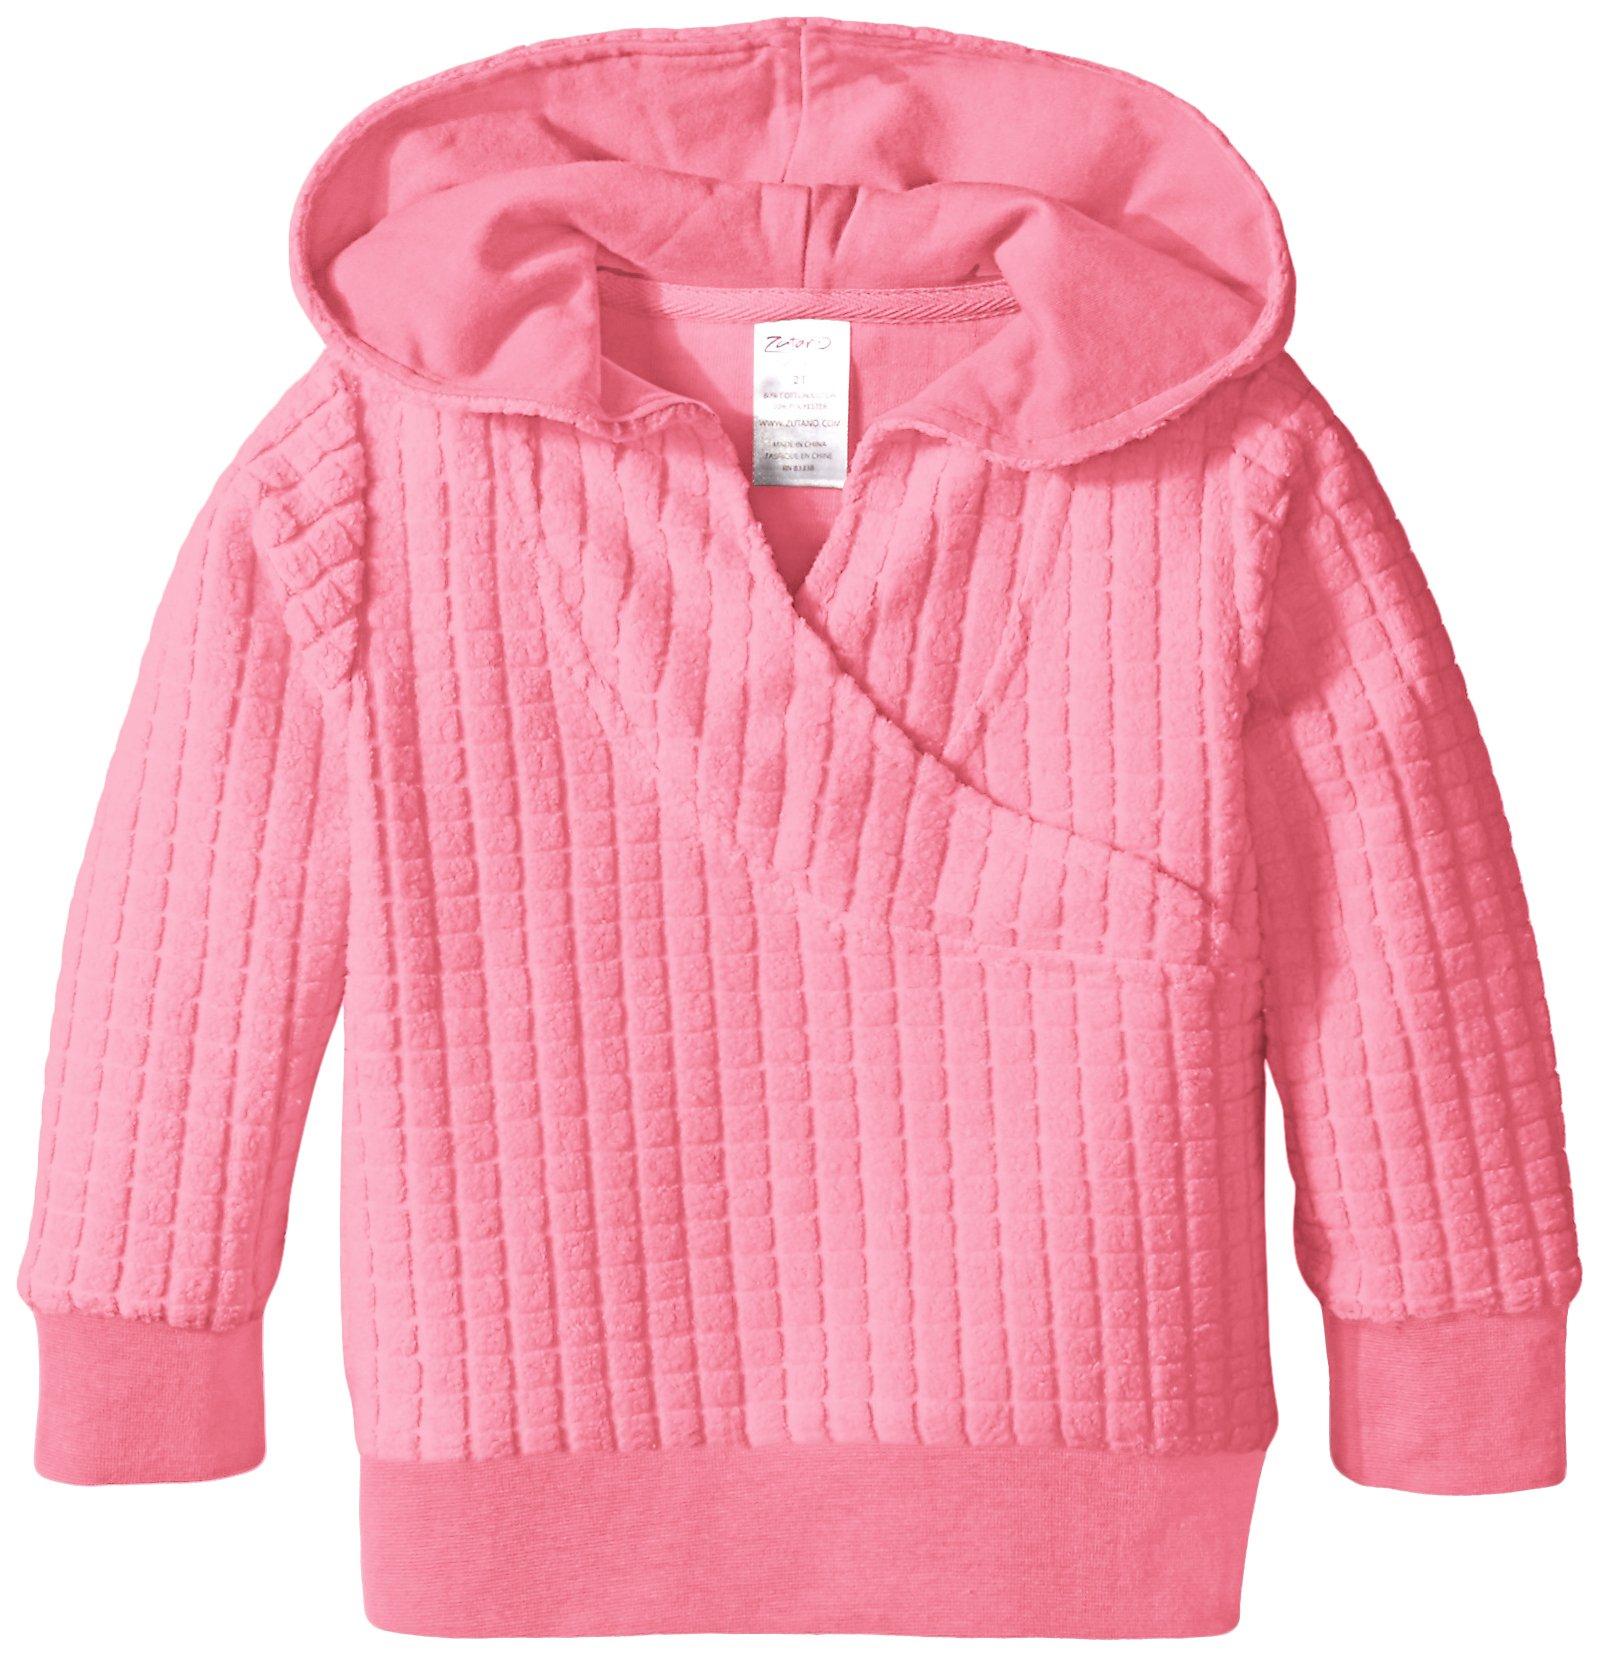 Zutano Toddler Girls' Waffle Cozie Fleece Wrap Hoodie, Hot Pink, 3T by Zutano